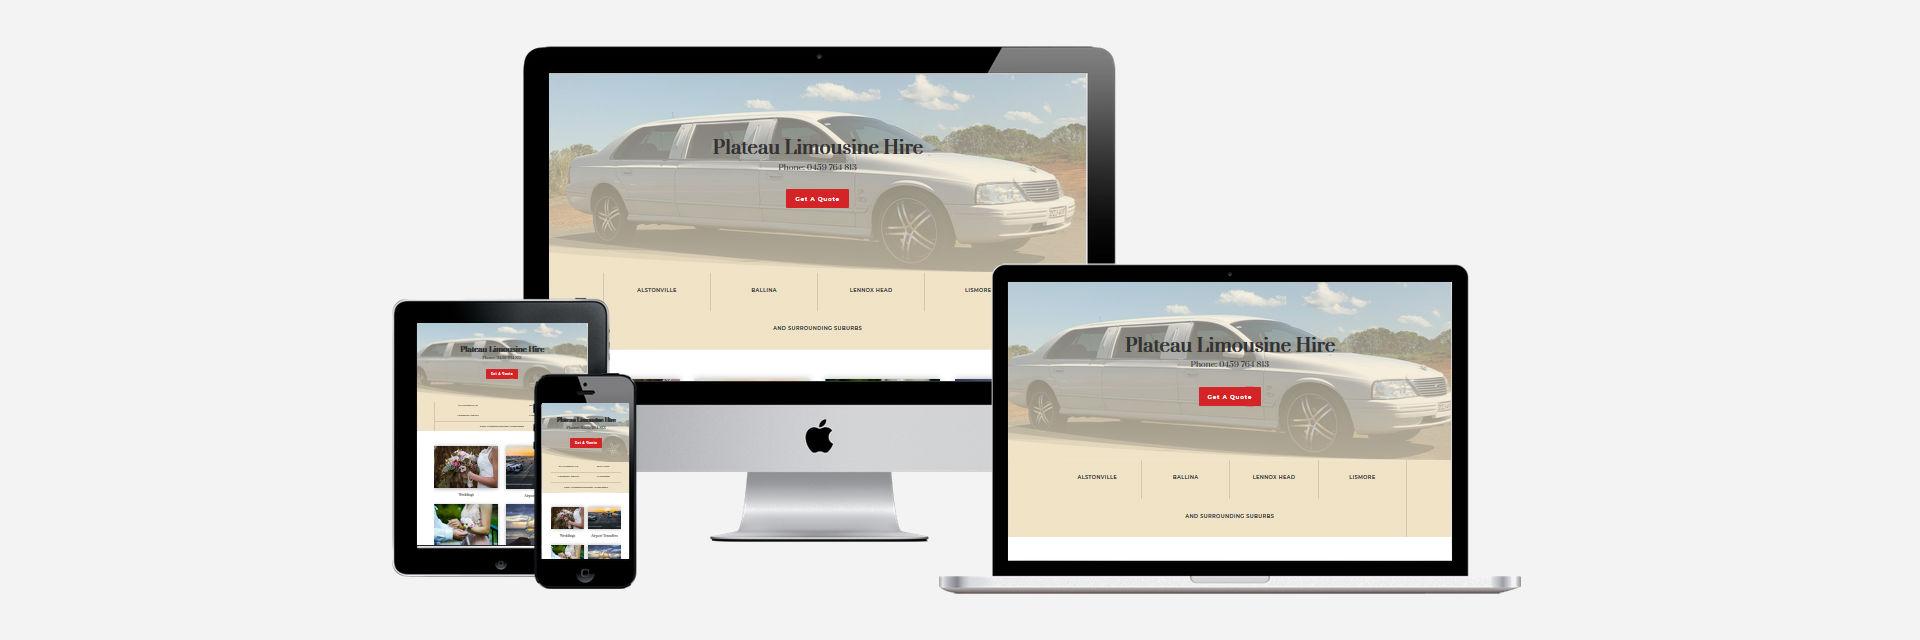 Plateau Limousine Hire - New Website Design